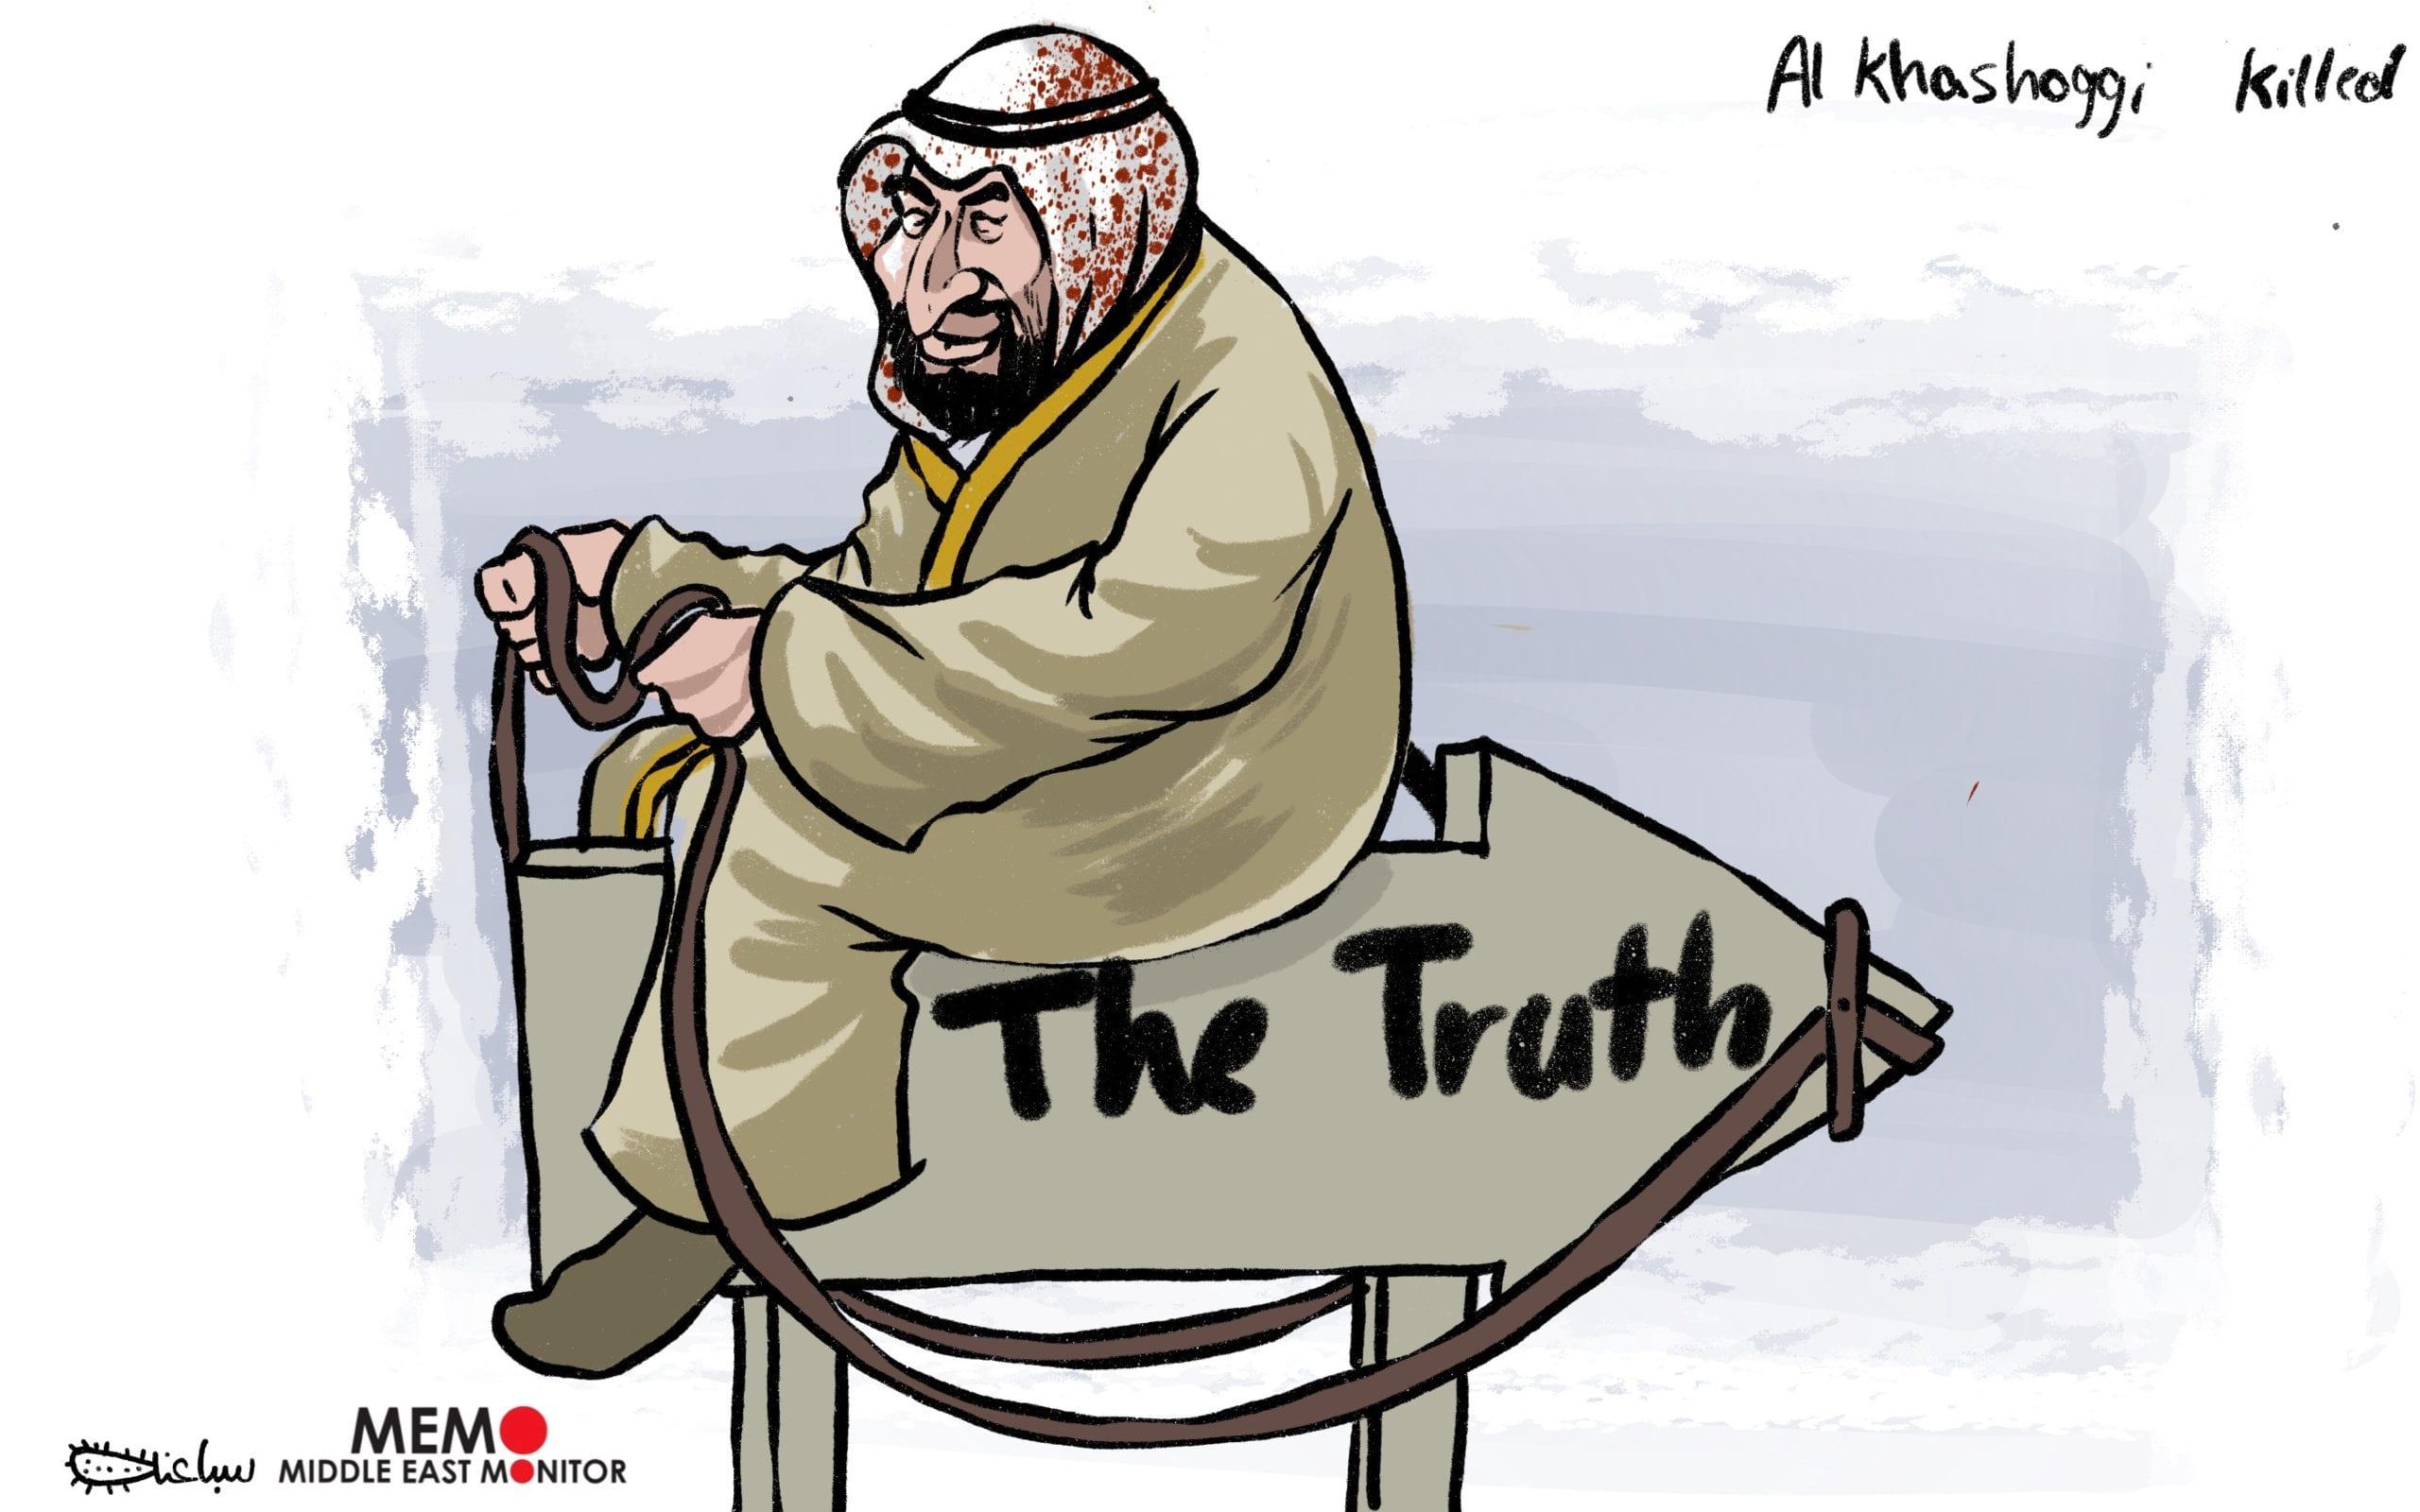 MBS and truth about Khashoggi - Cartoon[Sabaaneh/MiddleEastMonitor]